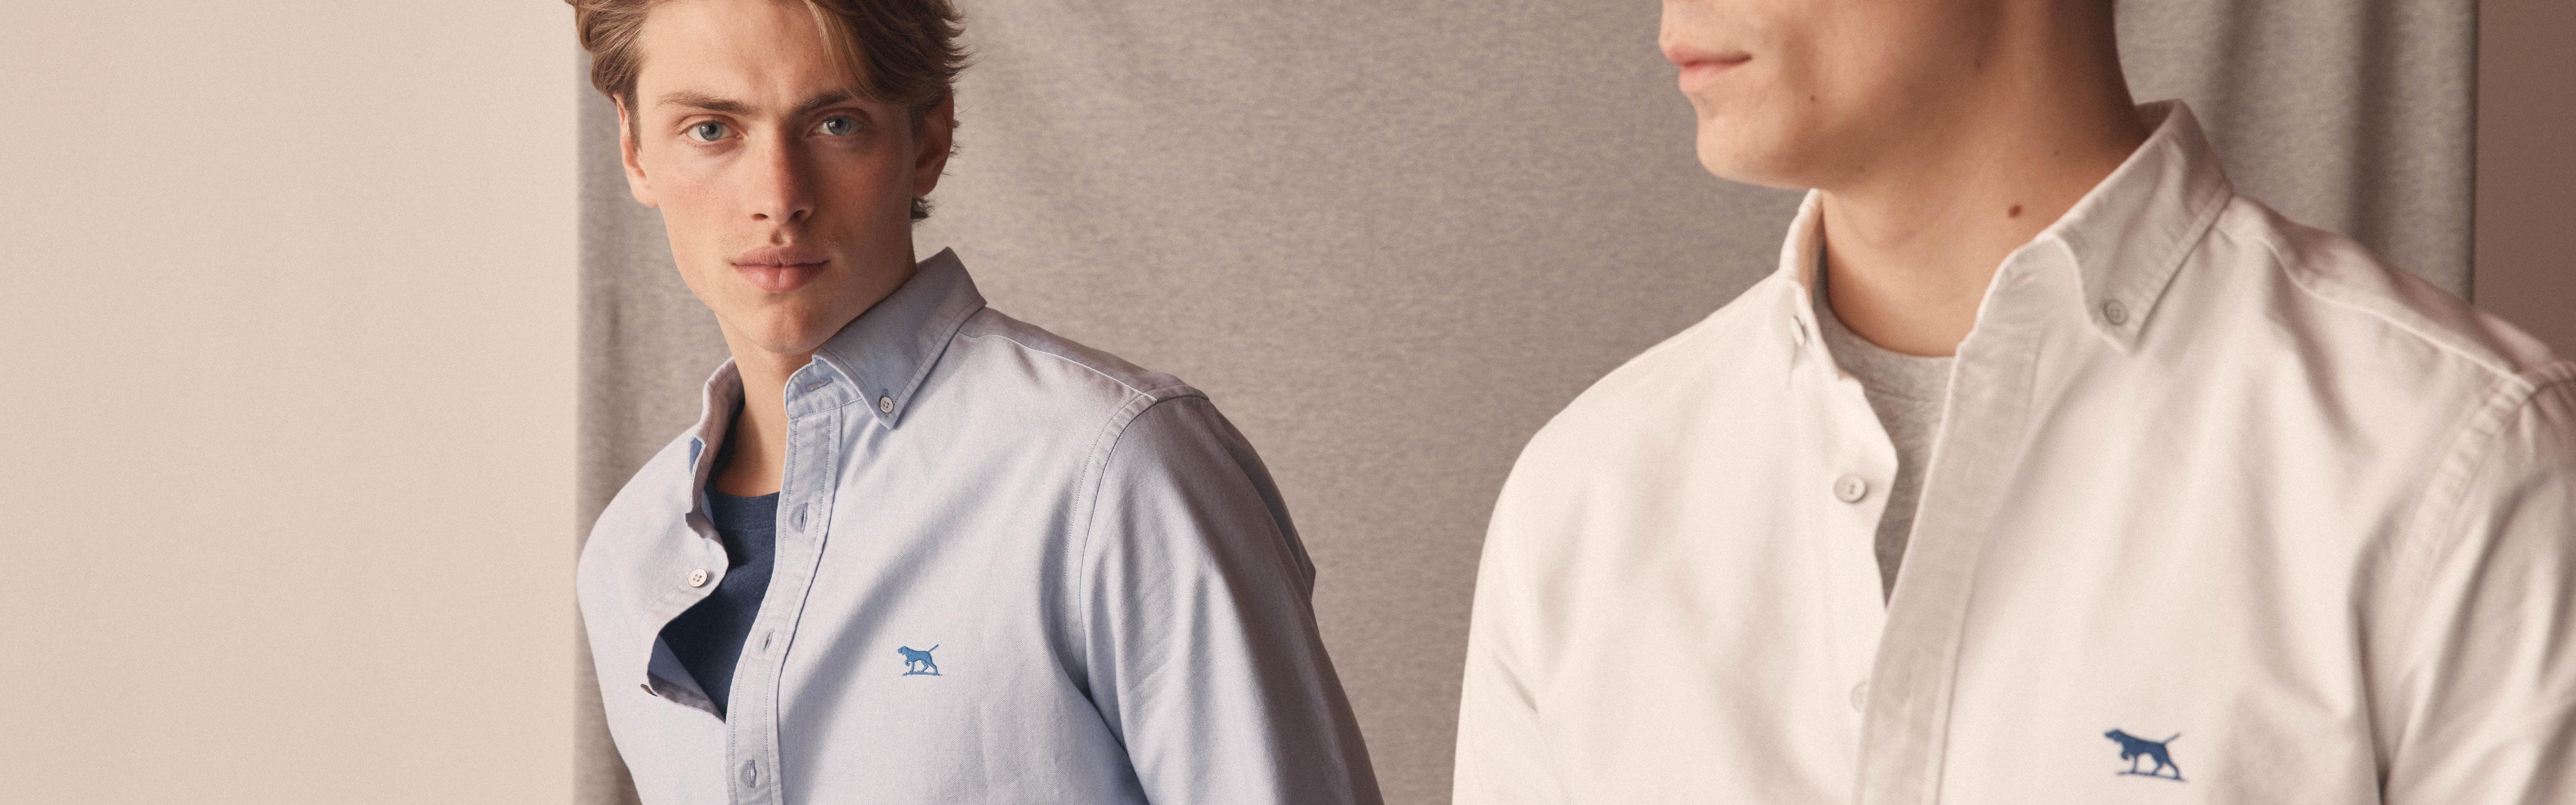 Gunn Oxford Shirts